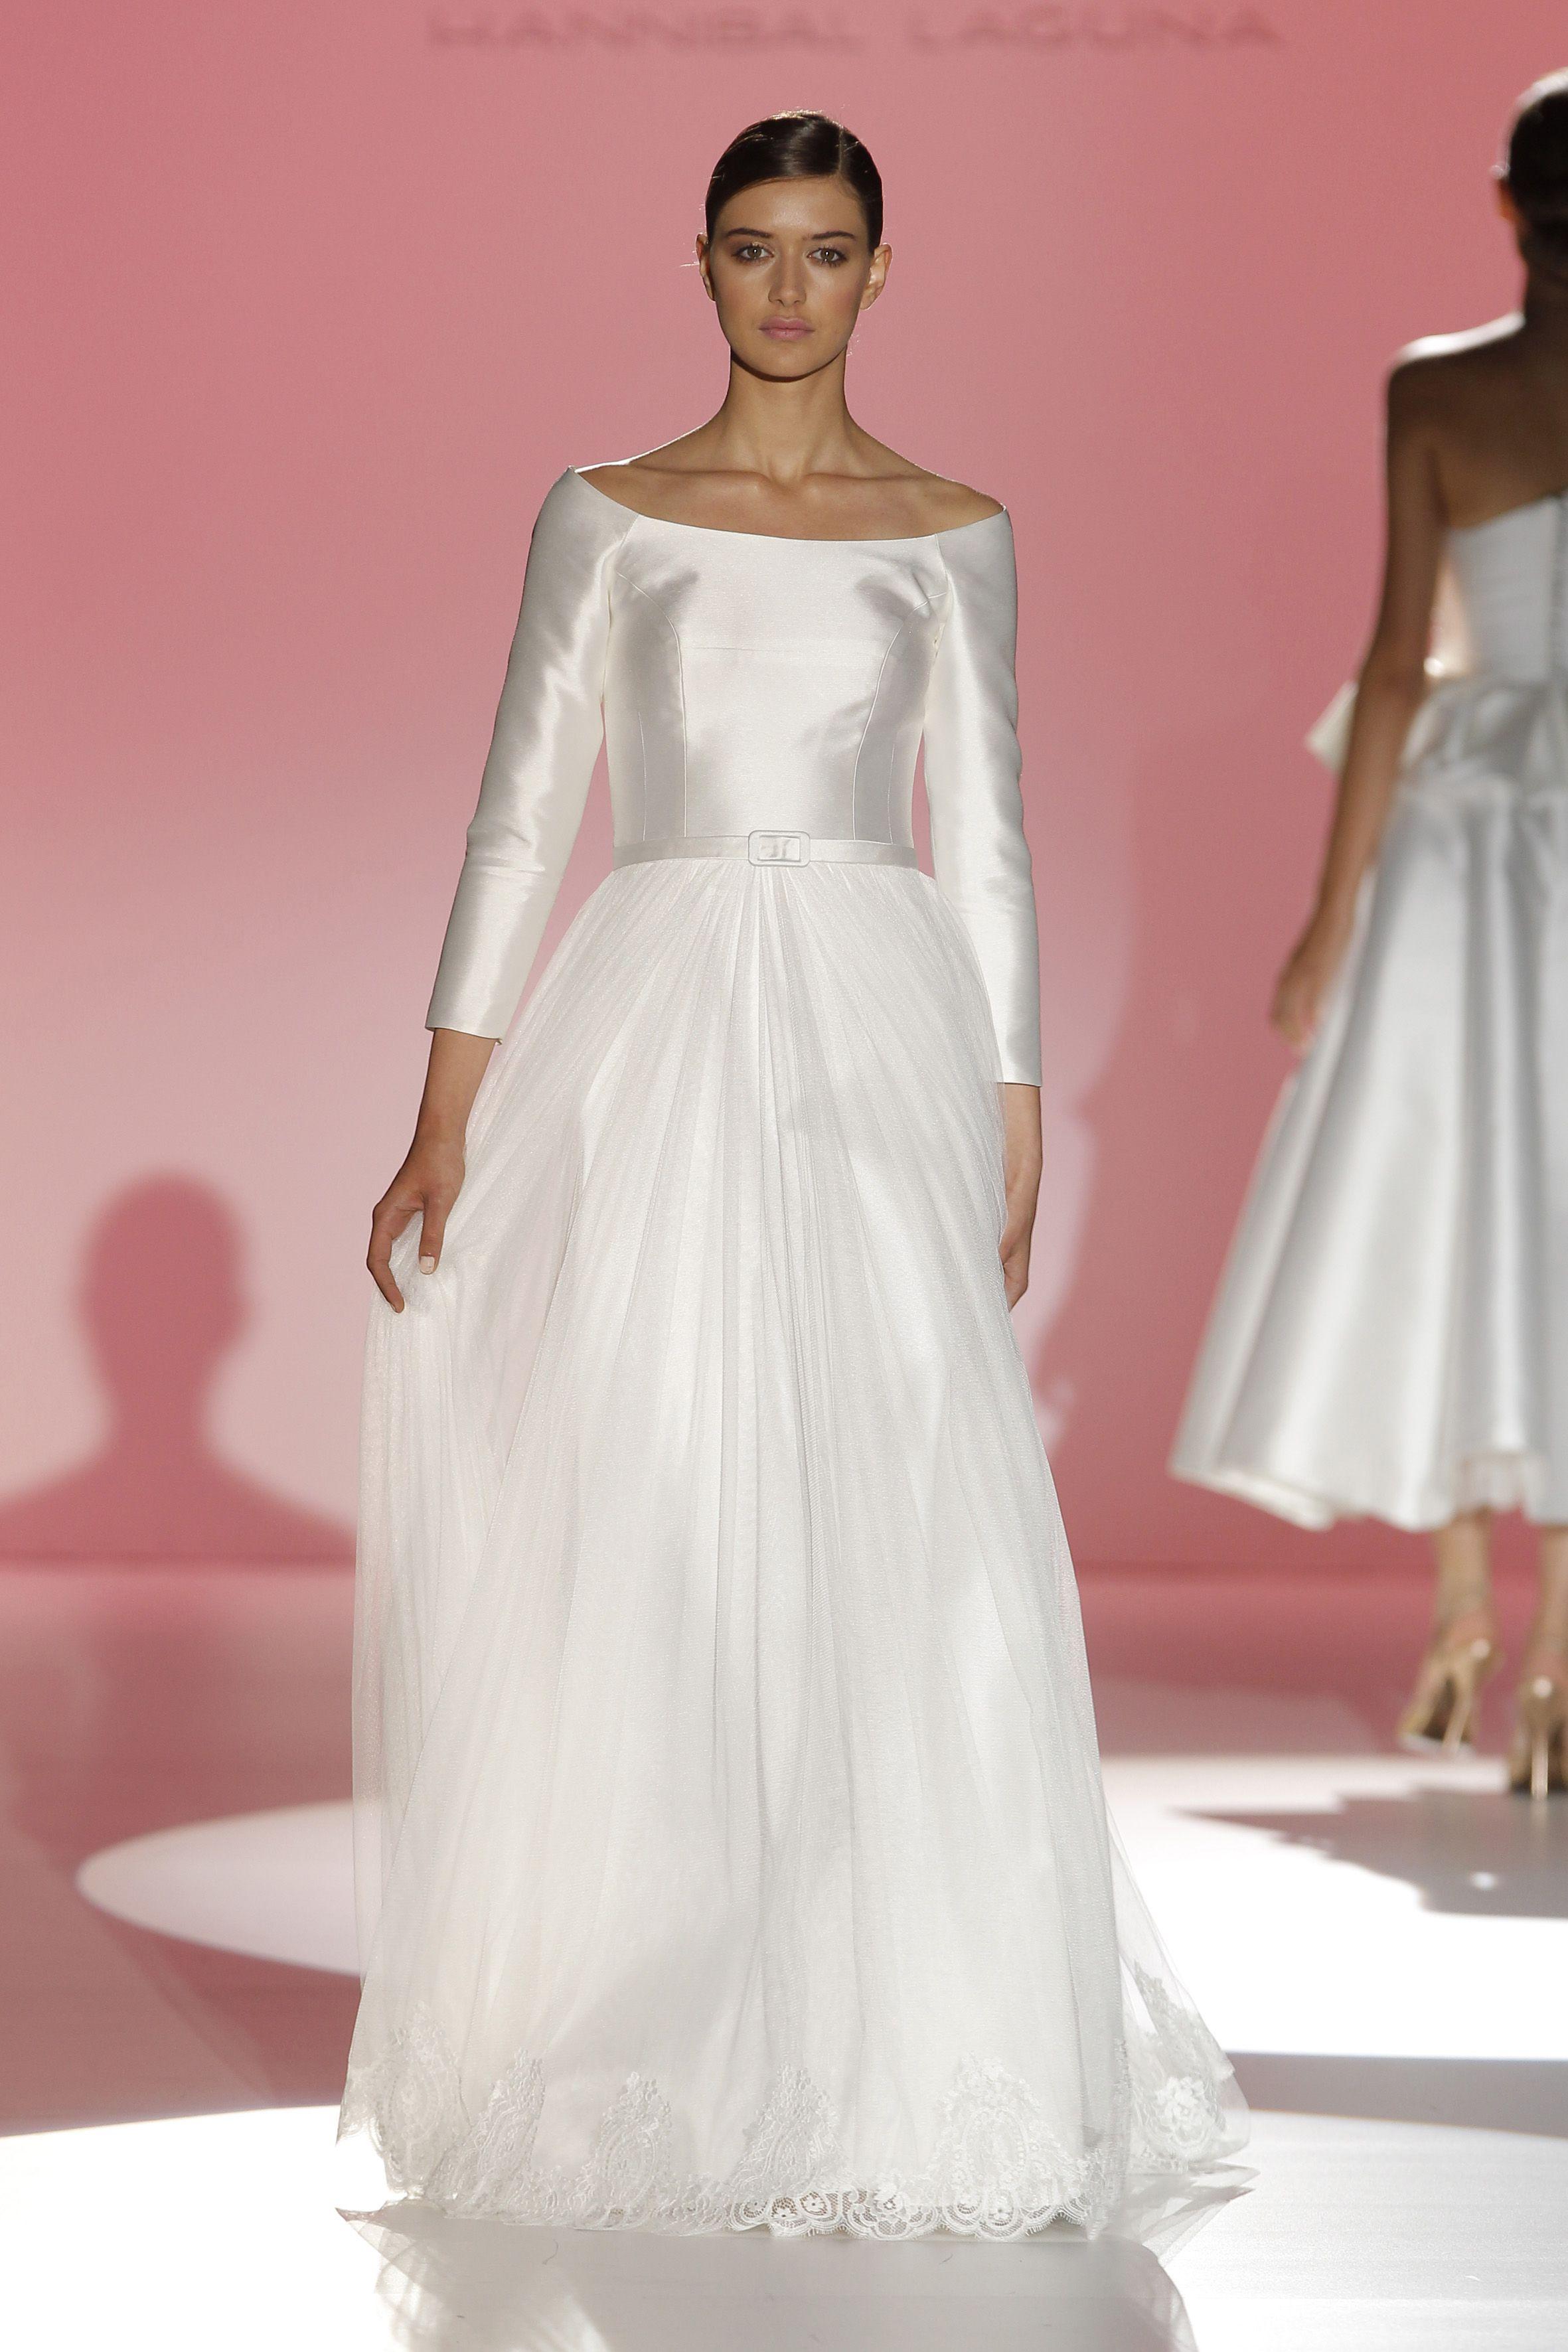 Vestido de novia colección 2015 de Hannibal Laguna. | brides 2015 ...